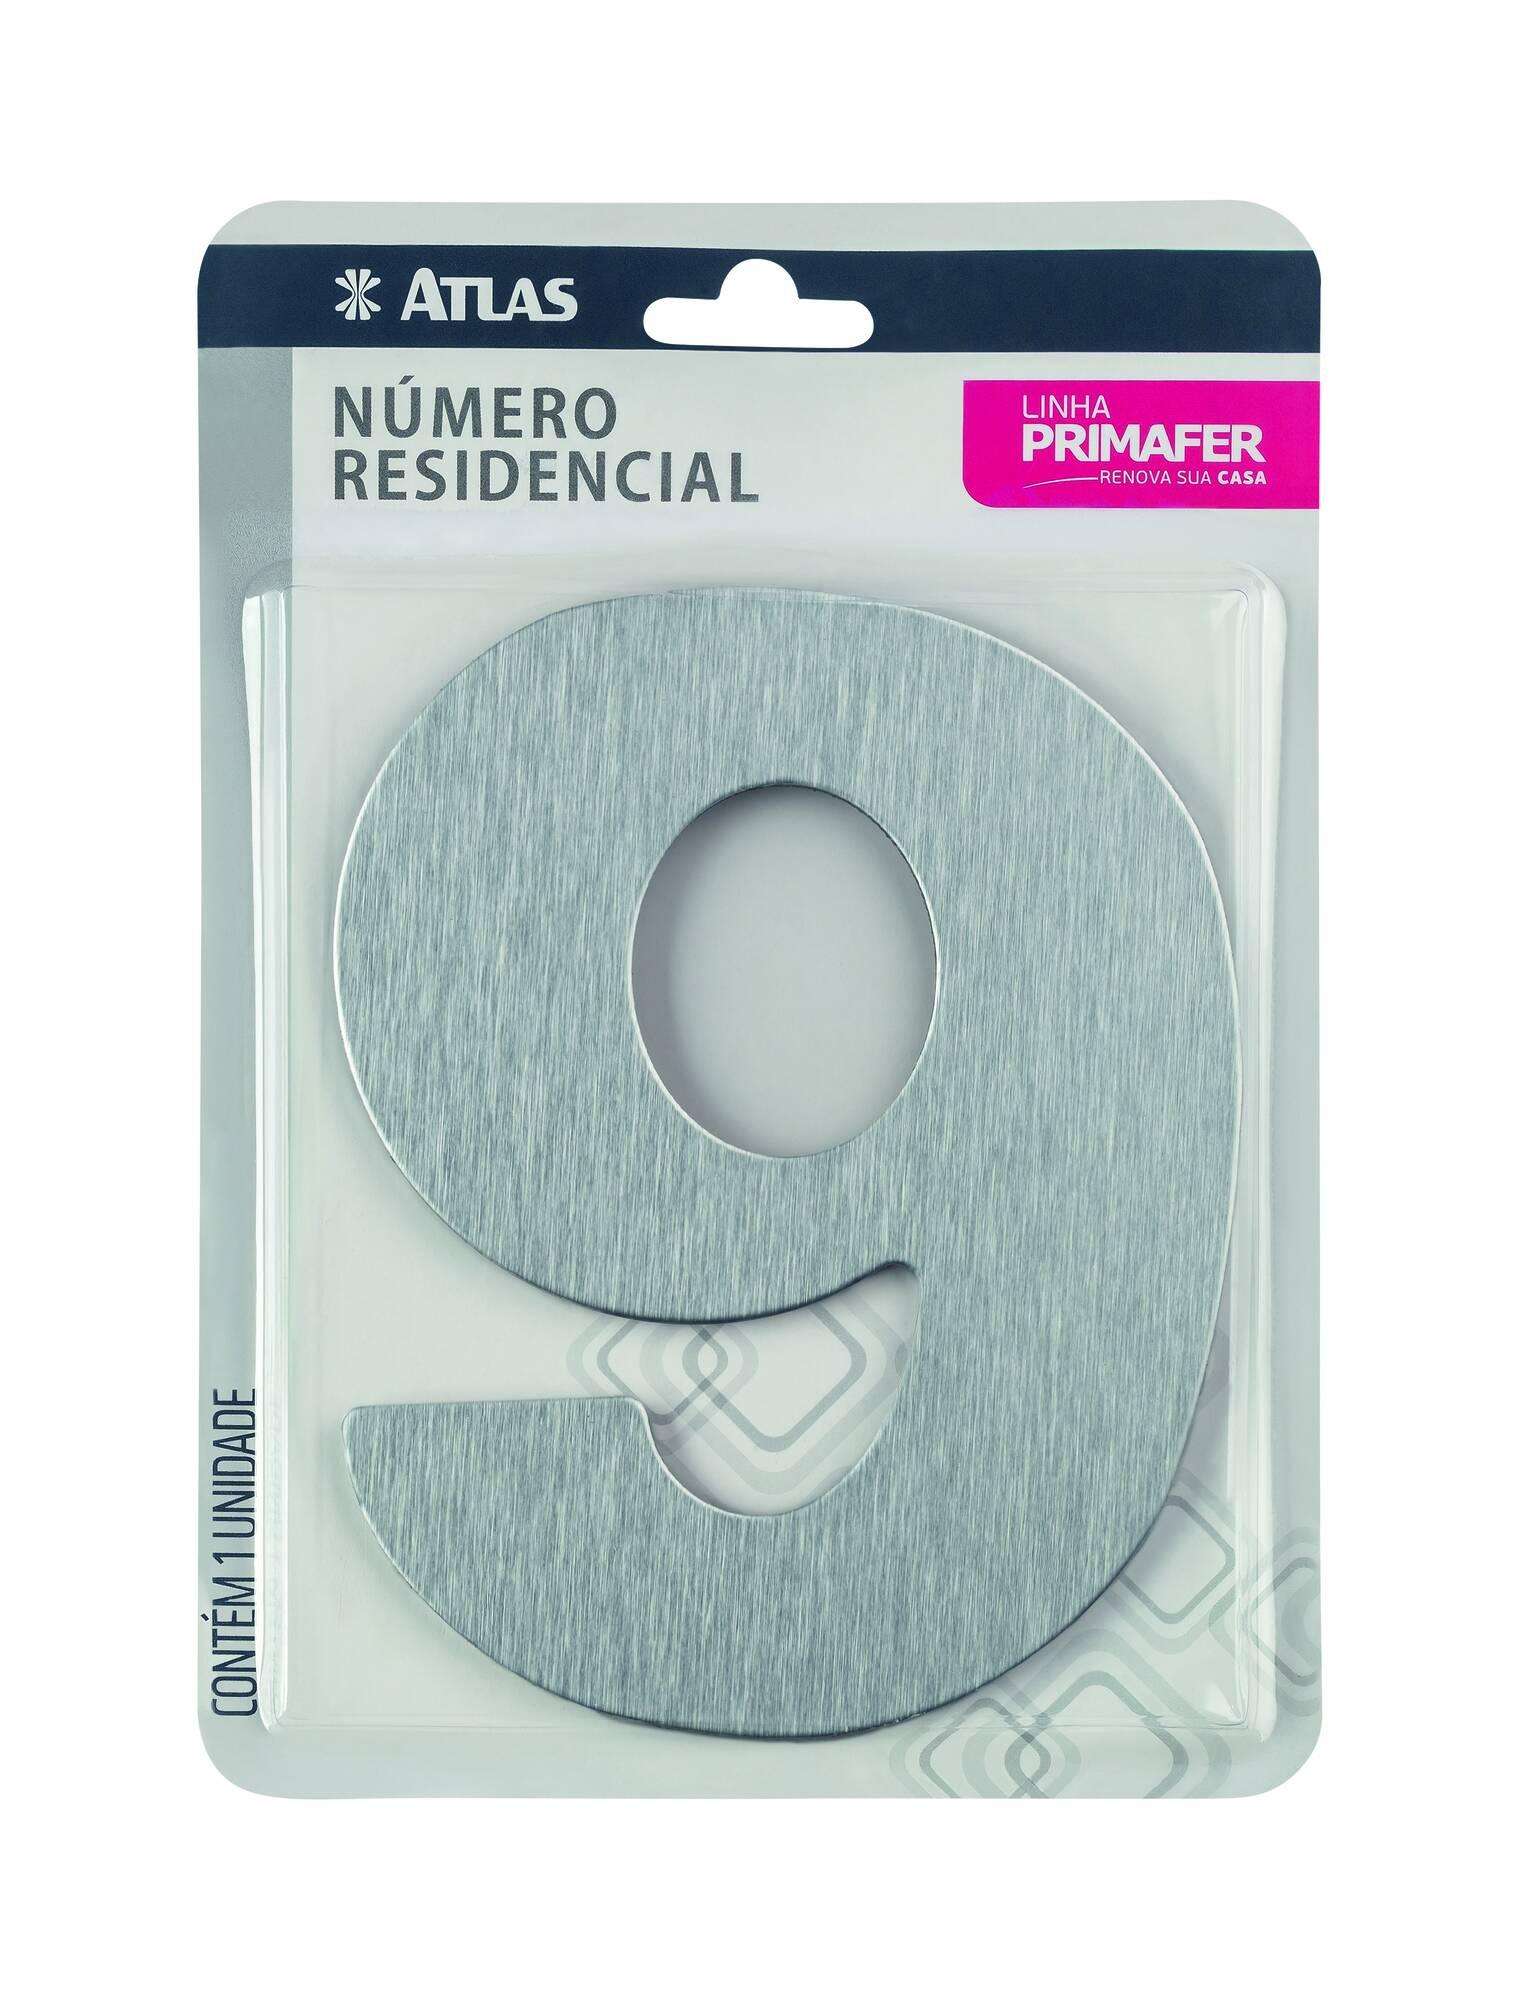 Número Residencial Adesivo Alumínio N° 9 Atlas PR3001/9.